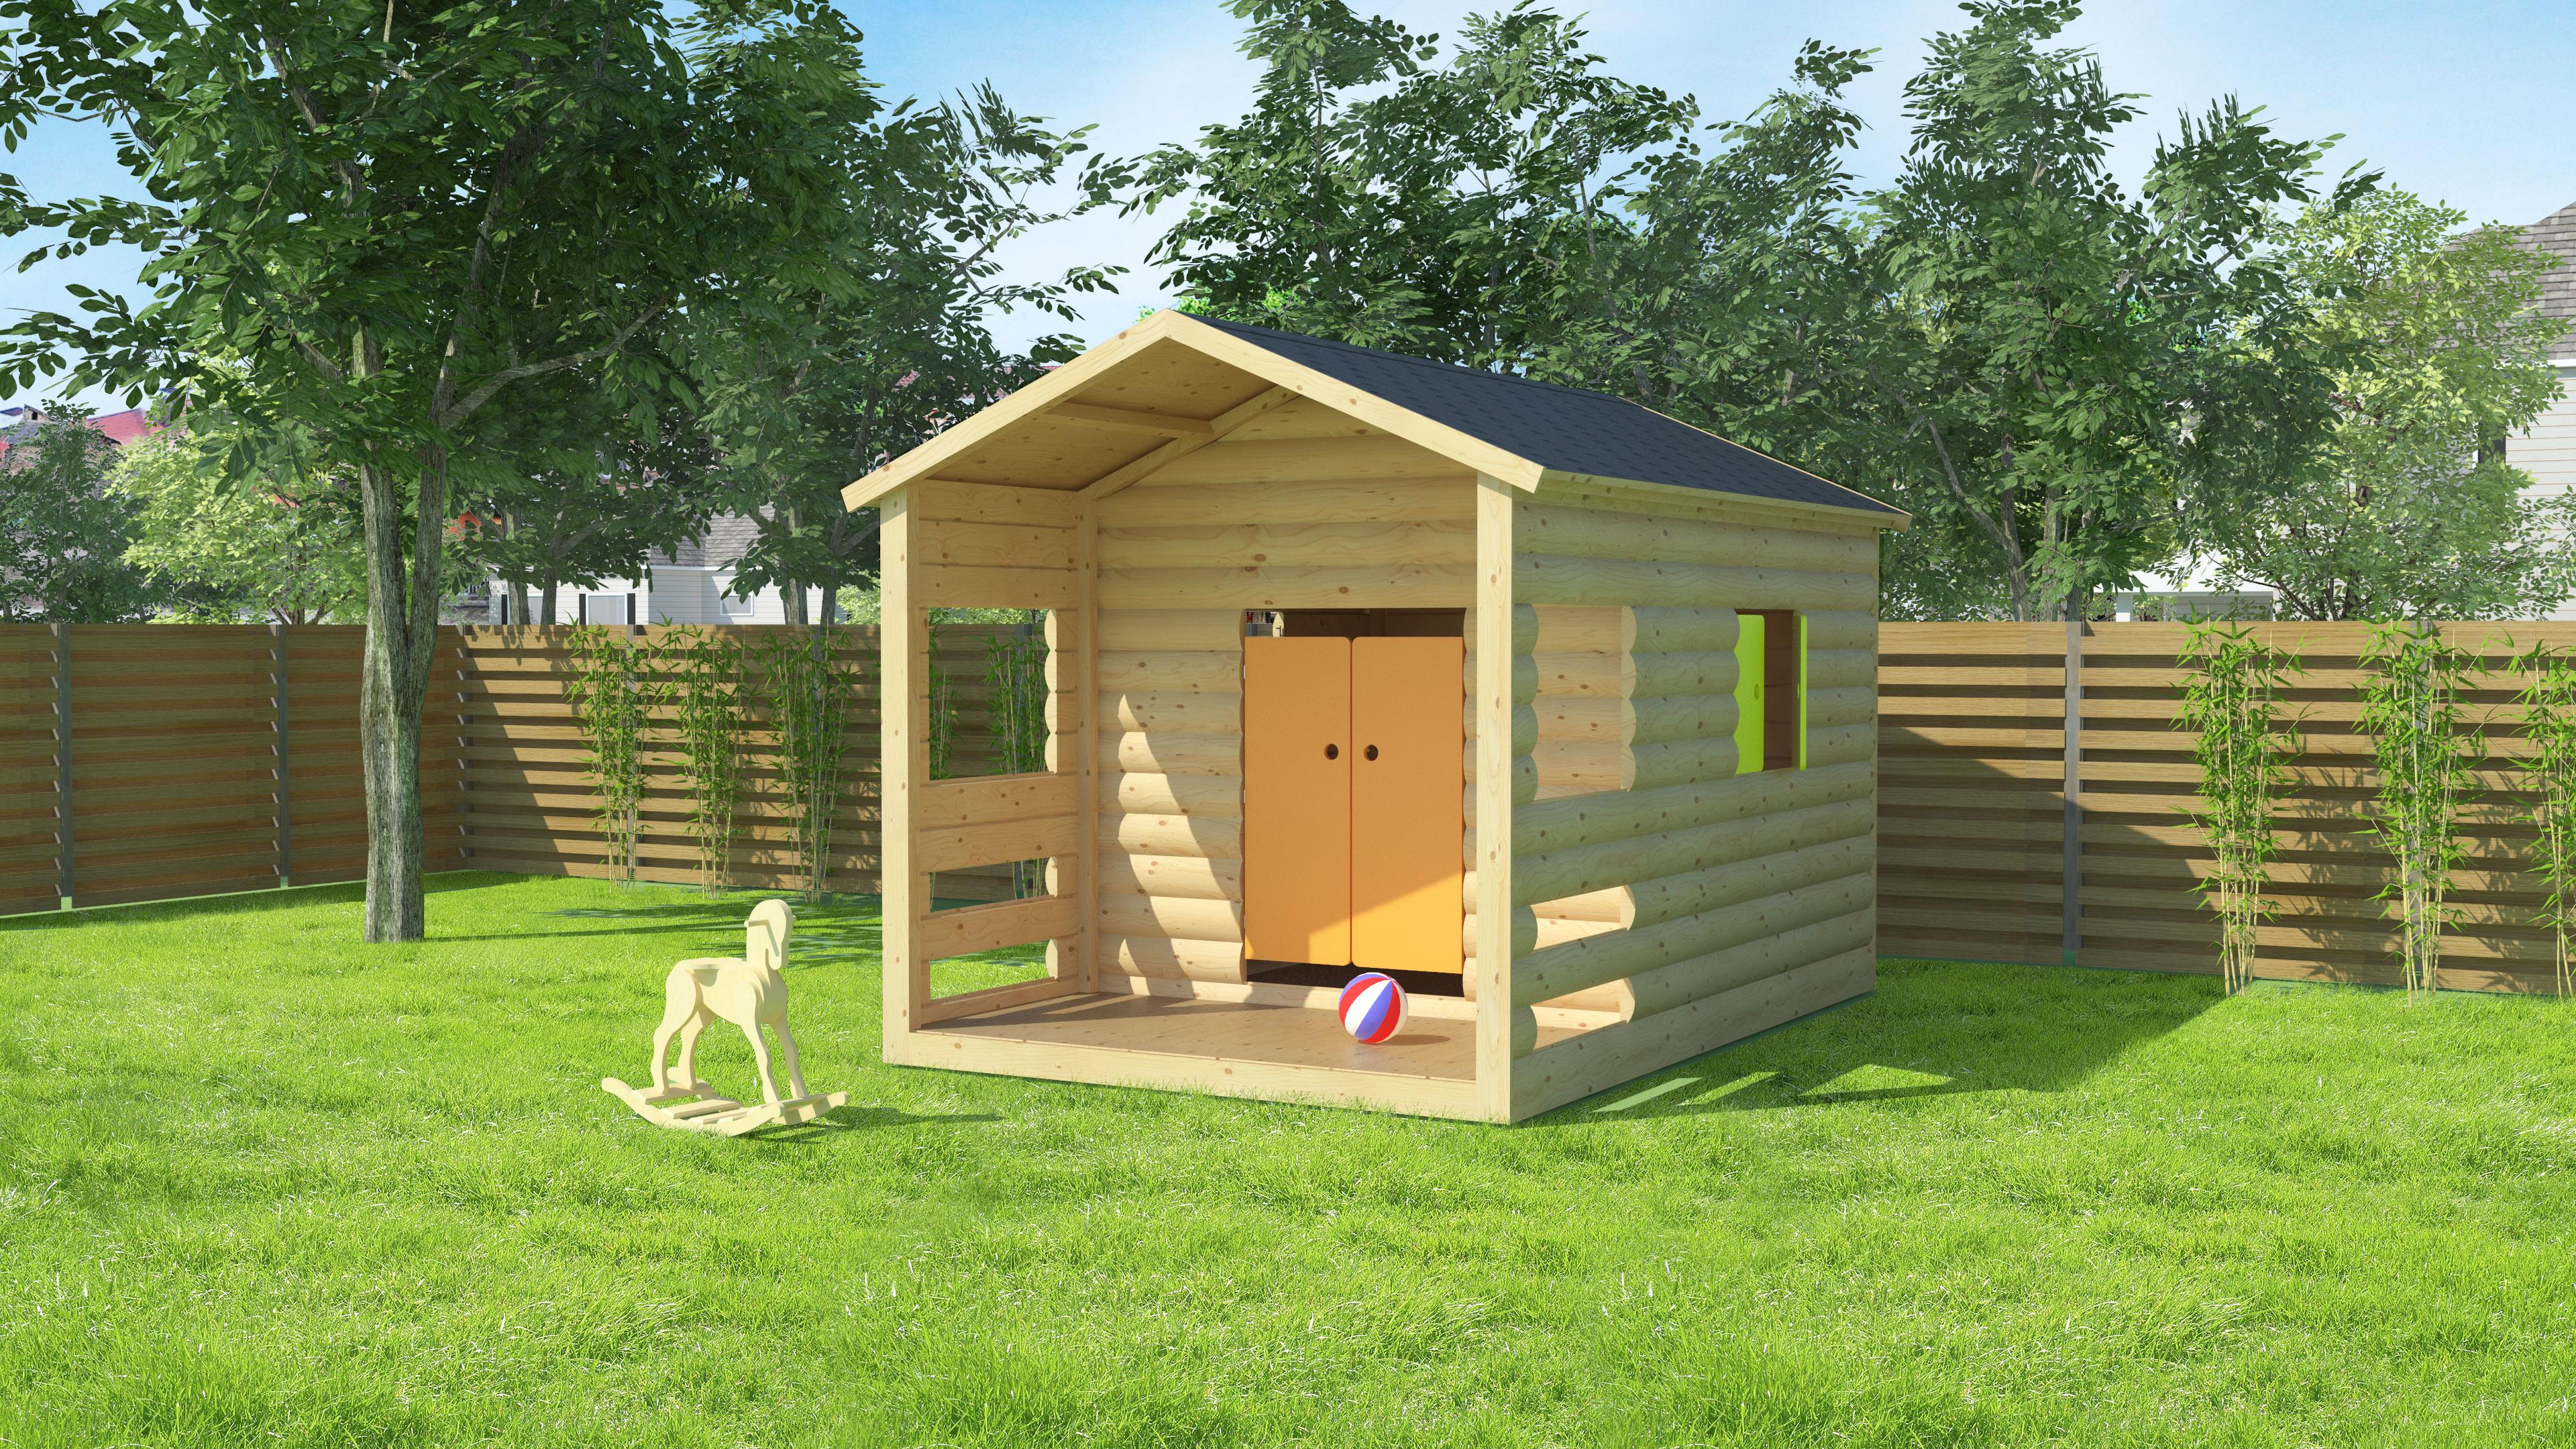 kinder spielhaus aus holz. Black Bedroom Furniture Sets. Home Design Ideas